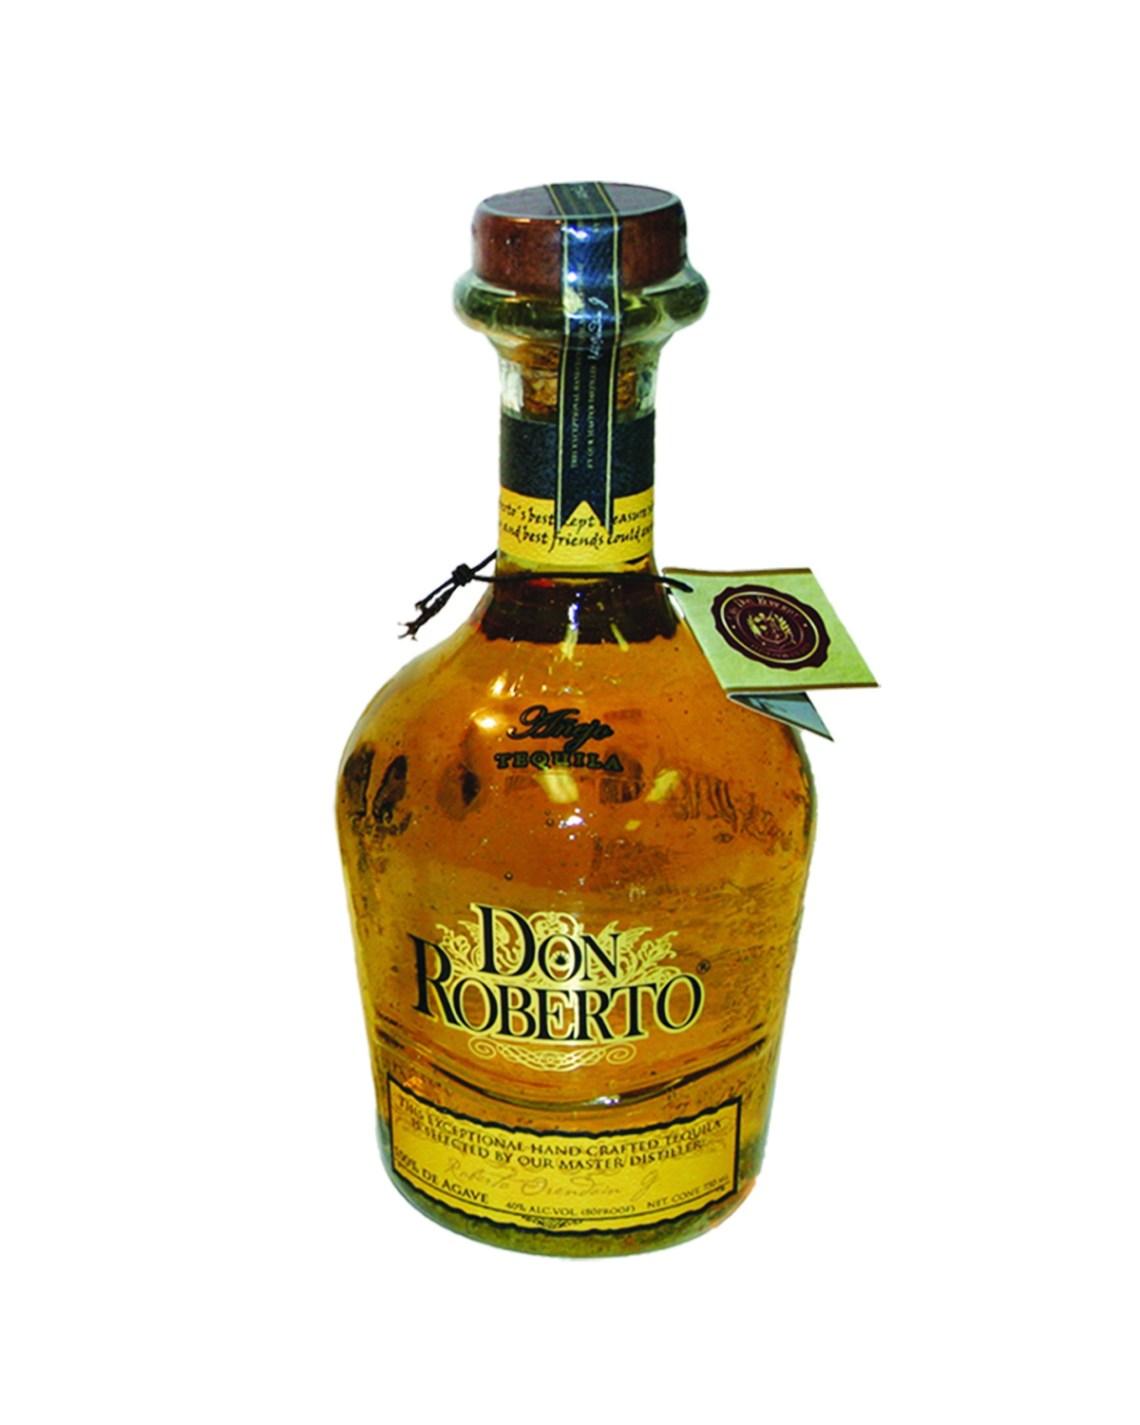 Don Roberto Anejo Tequila